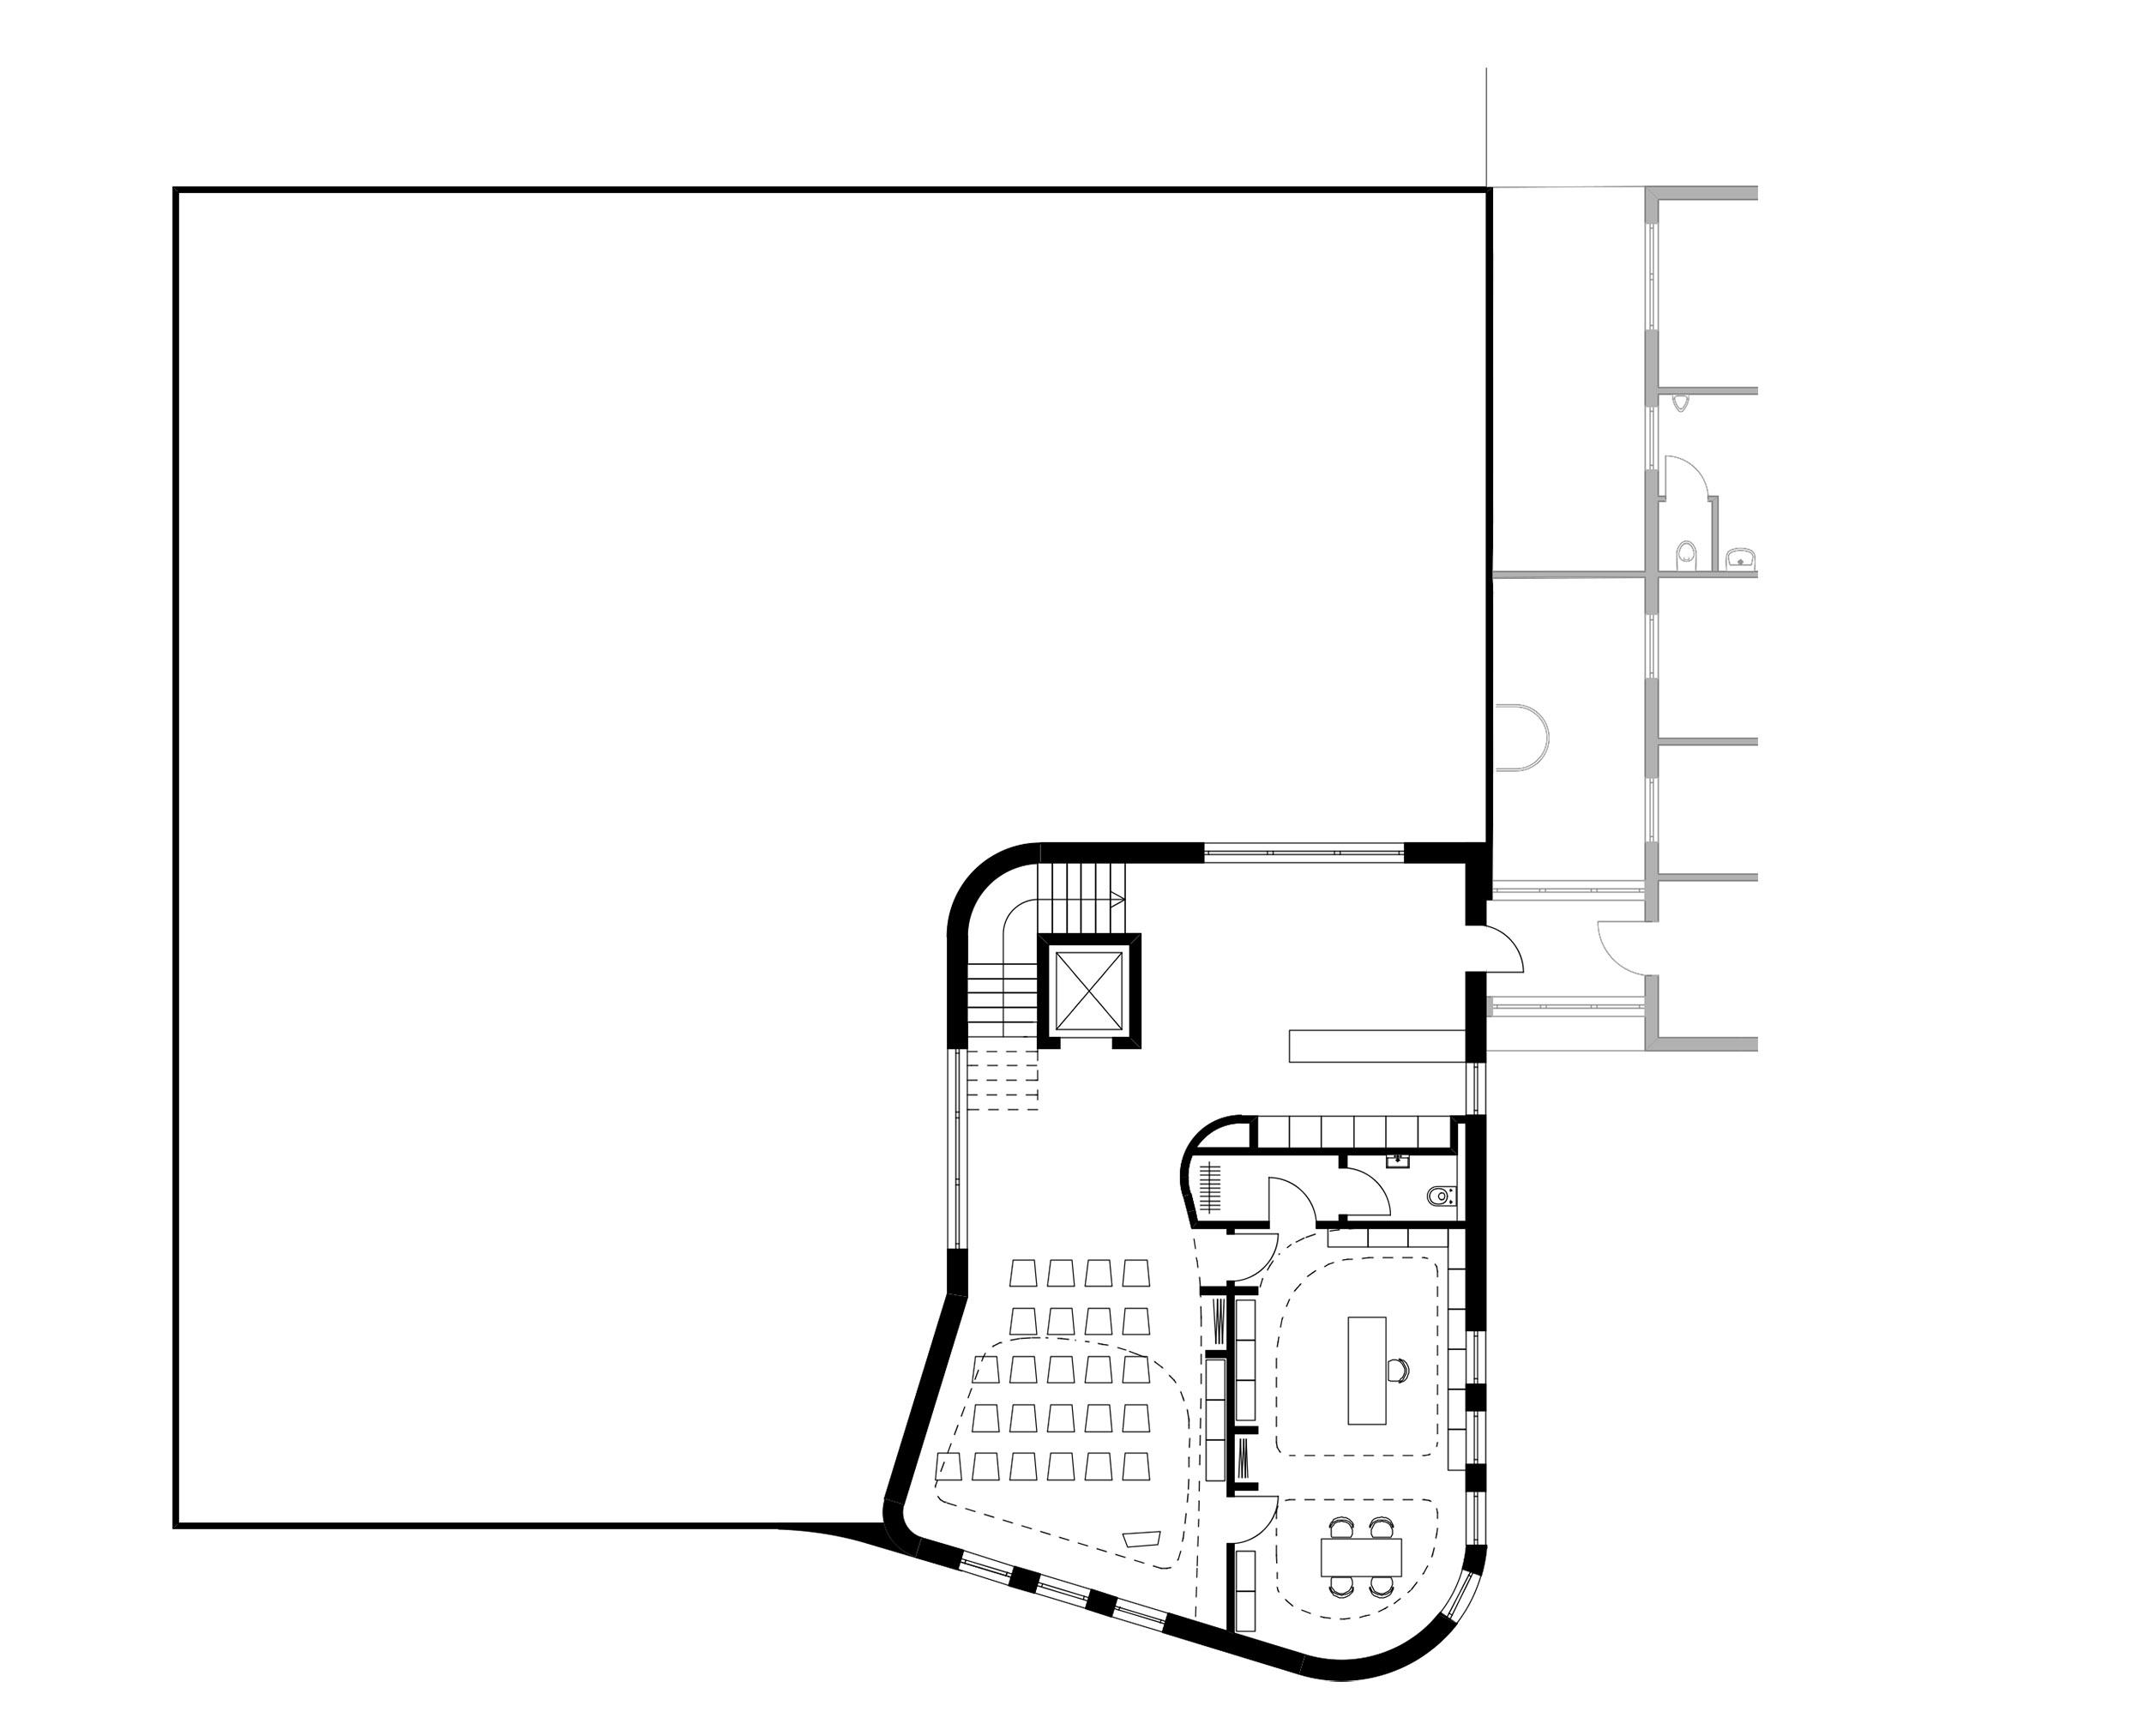 Biedermann architektur